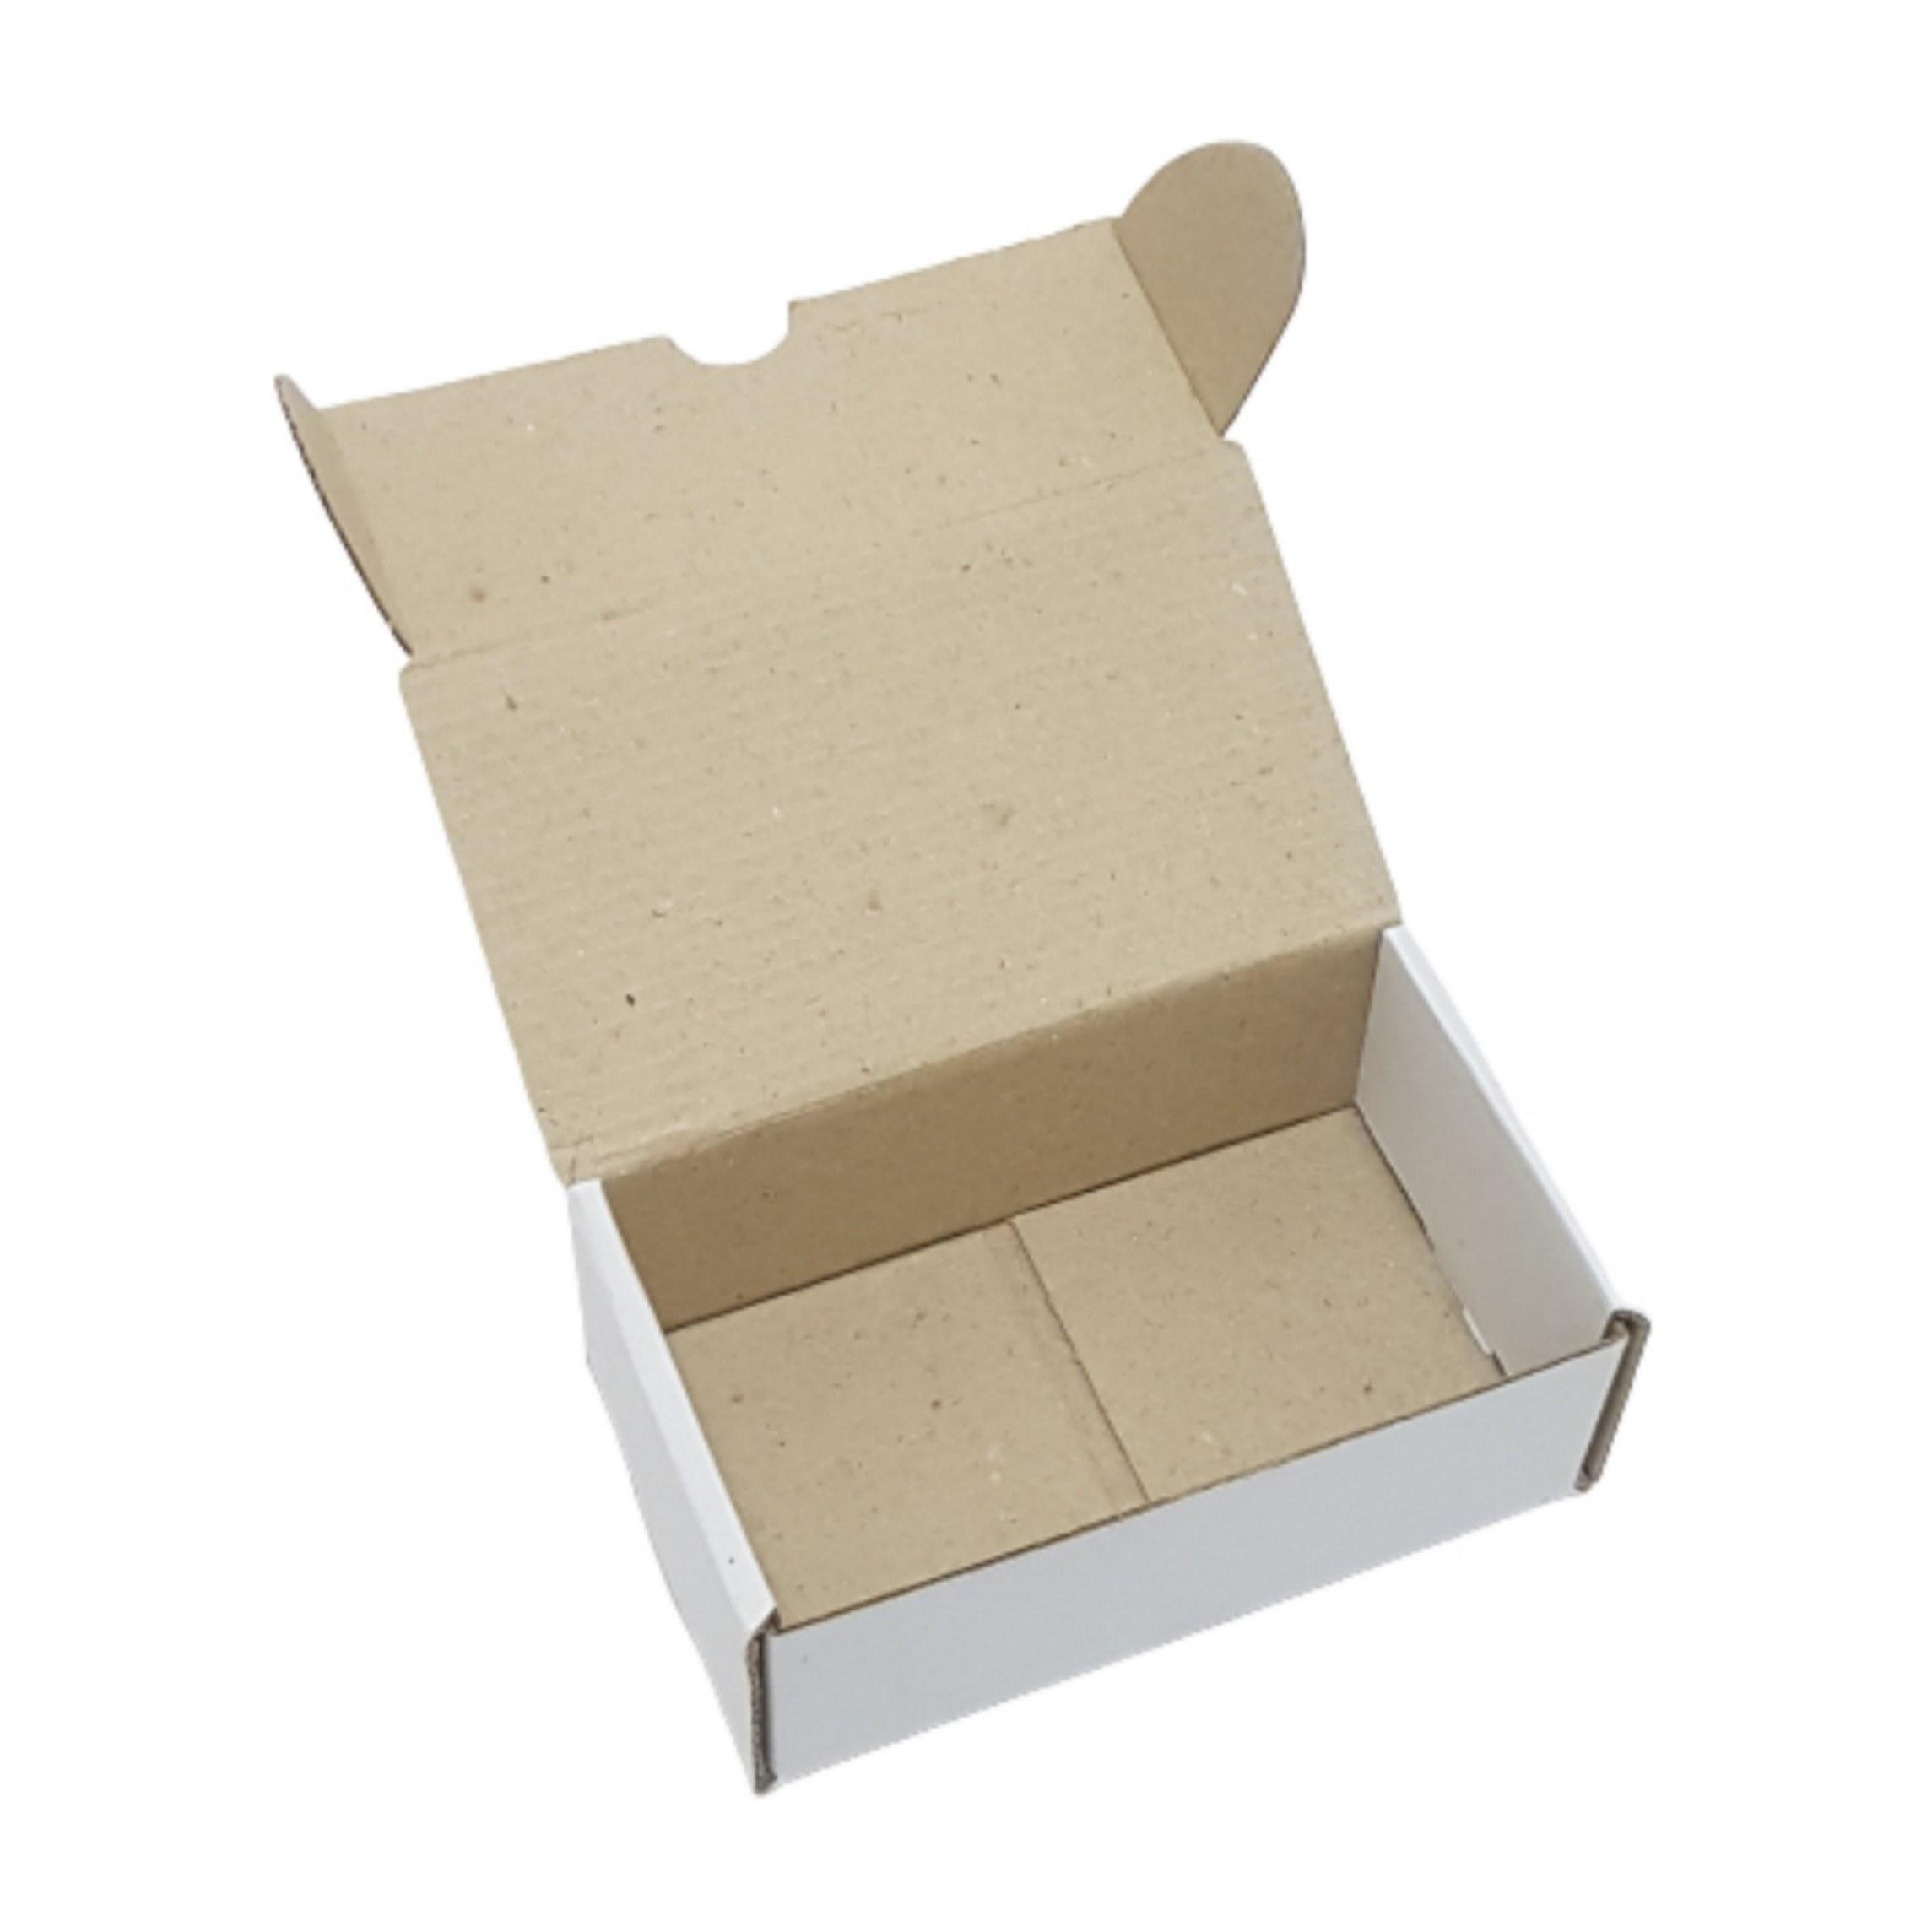 تصویر جعبه بسته بندی کد S140805 بسته ۱۰۰ عددی